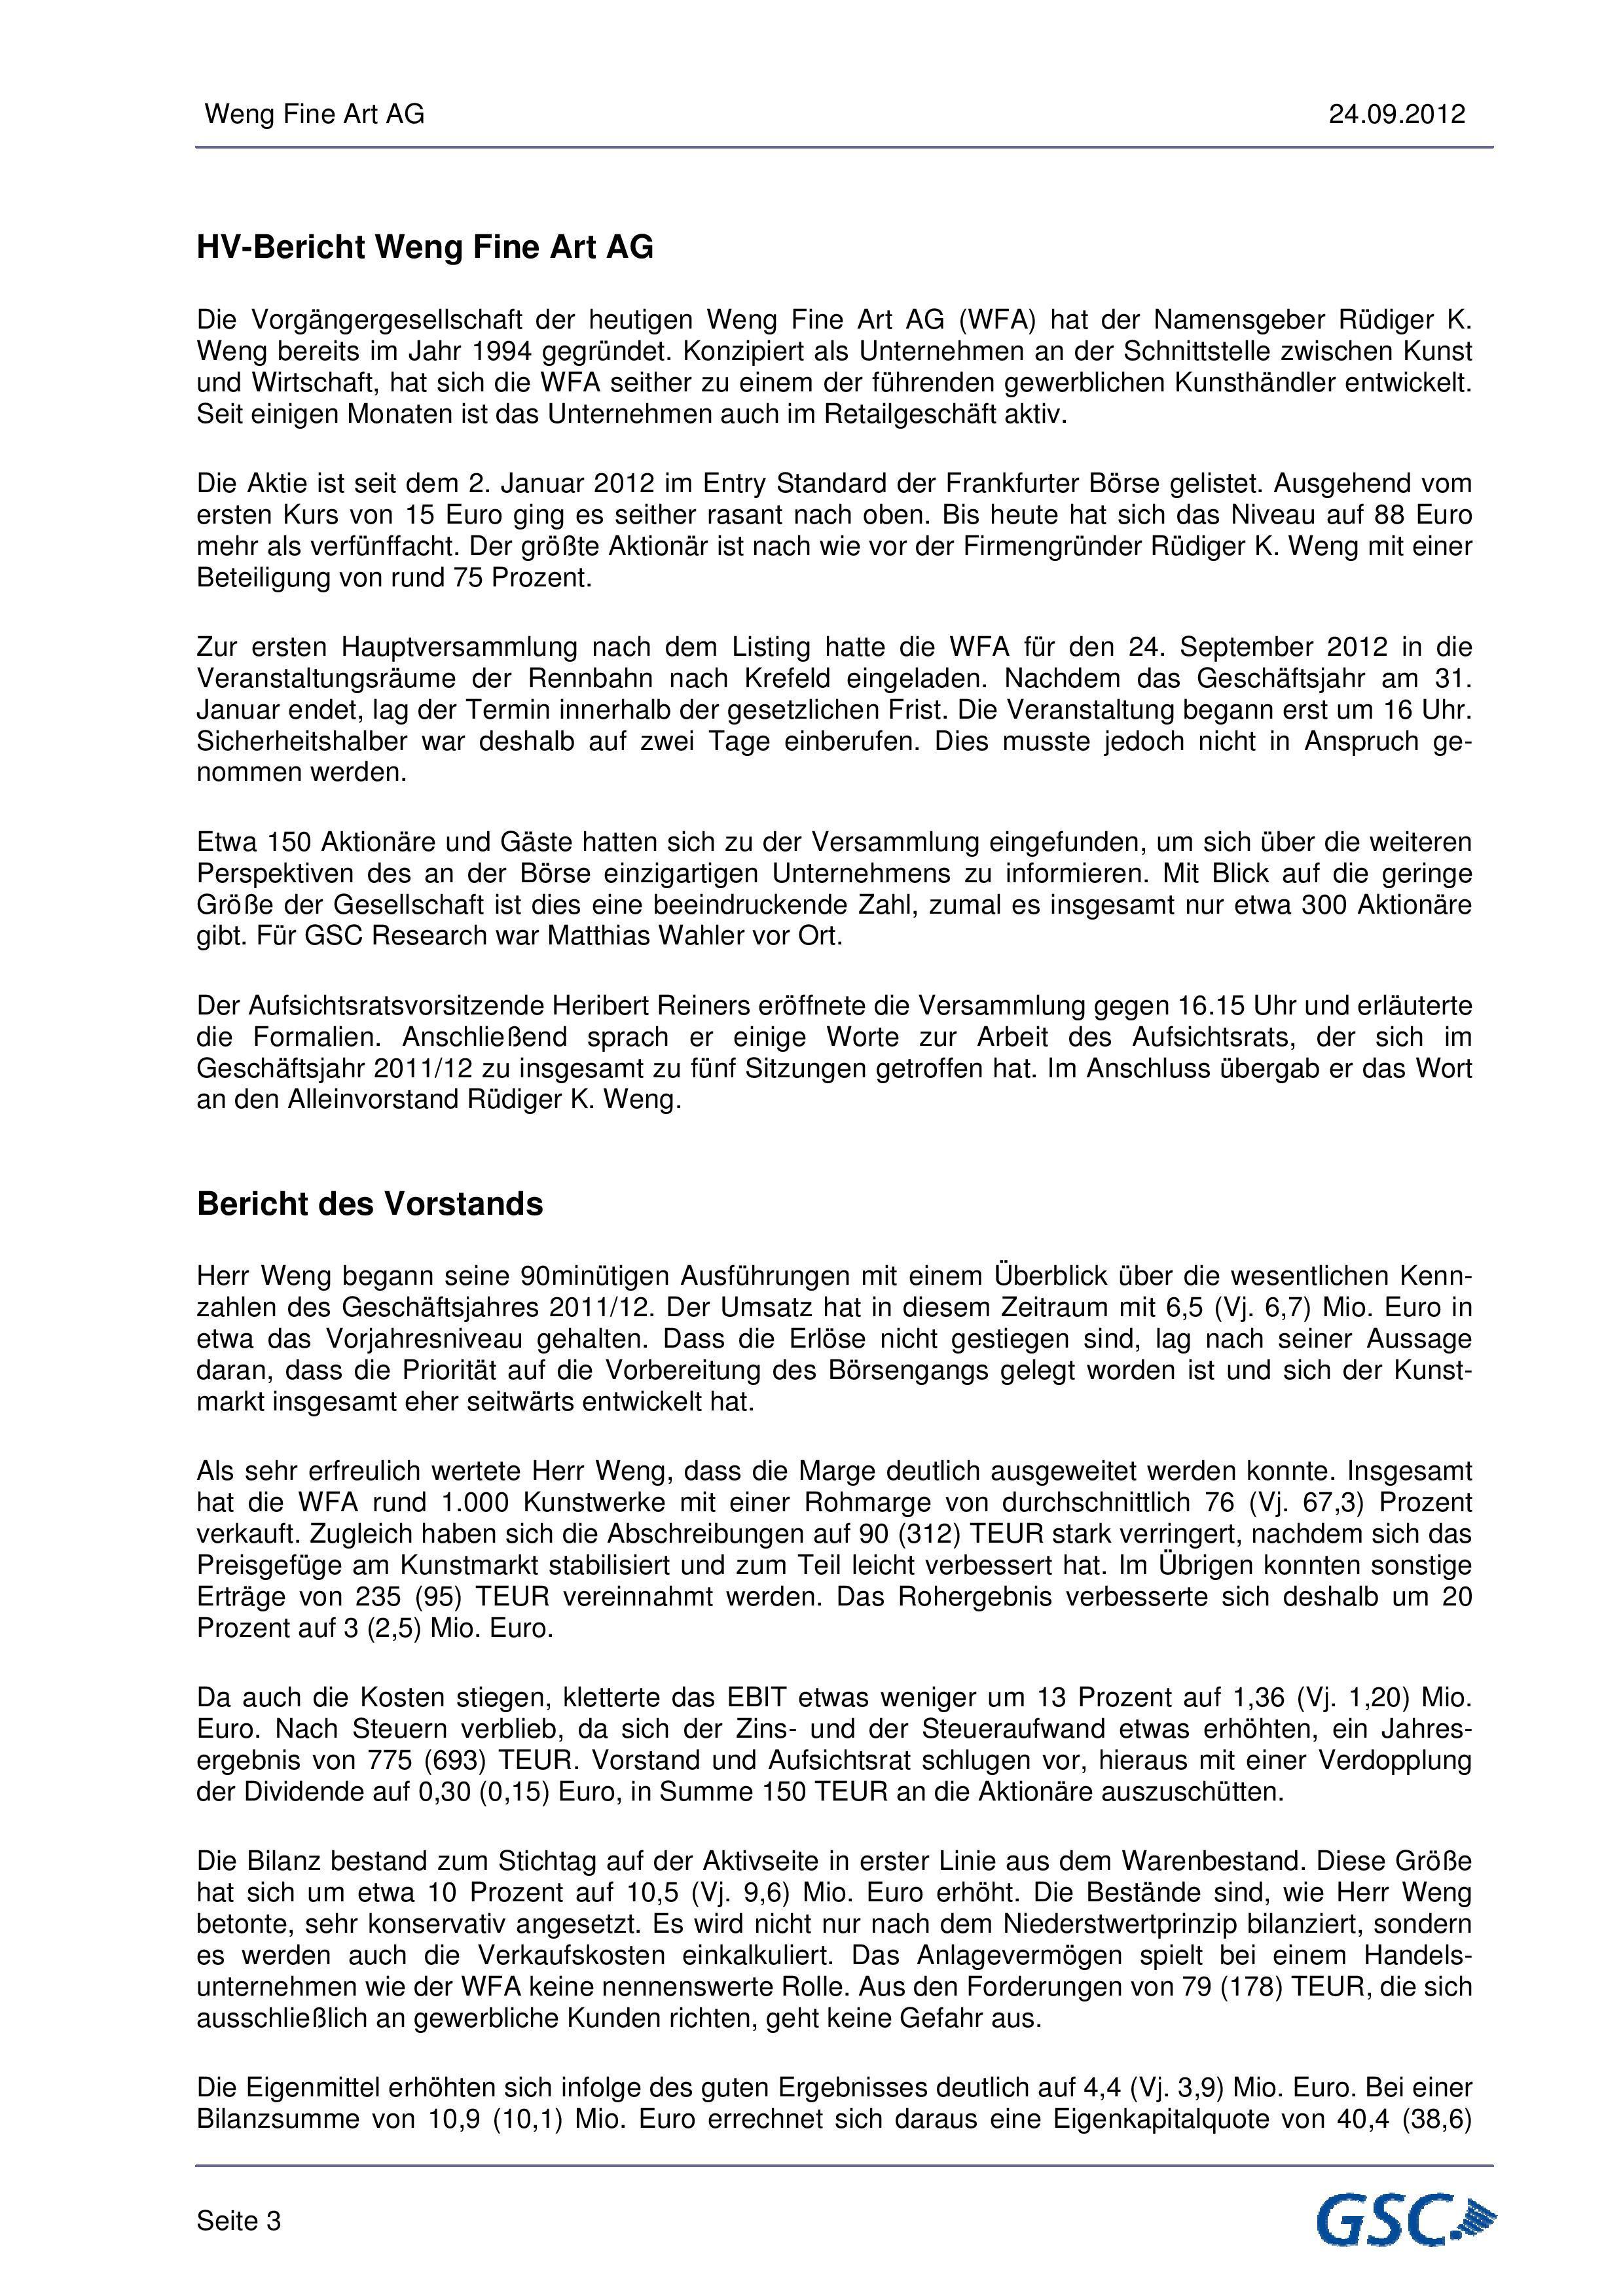 Weng_Fine_Art_AG_HV-Bericht_2012-09-24-page-003.jpg#asset:3527